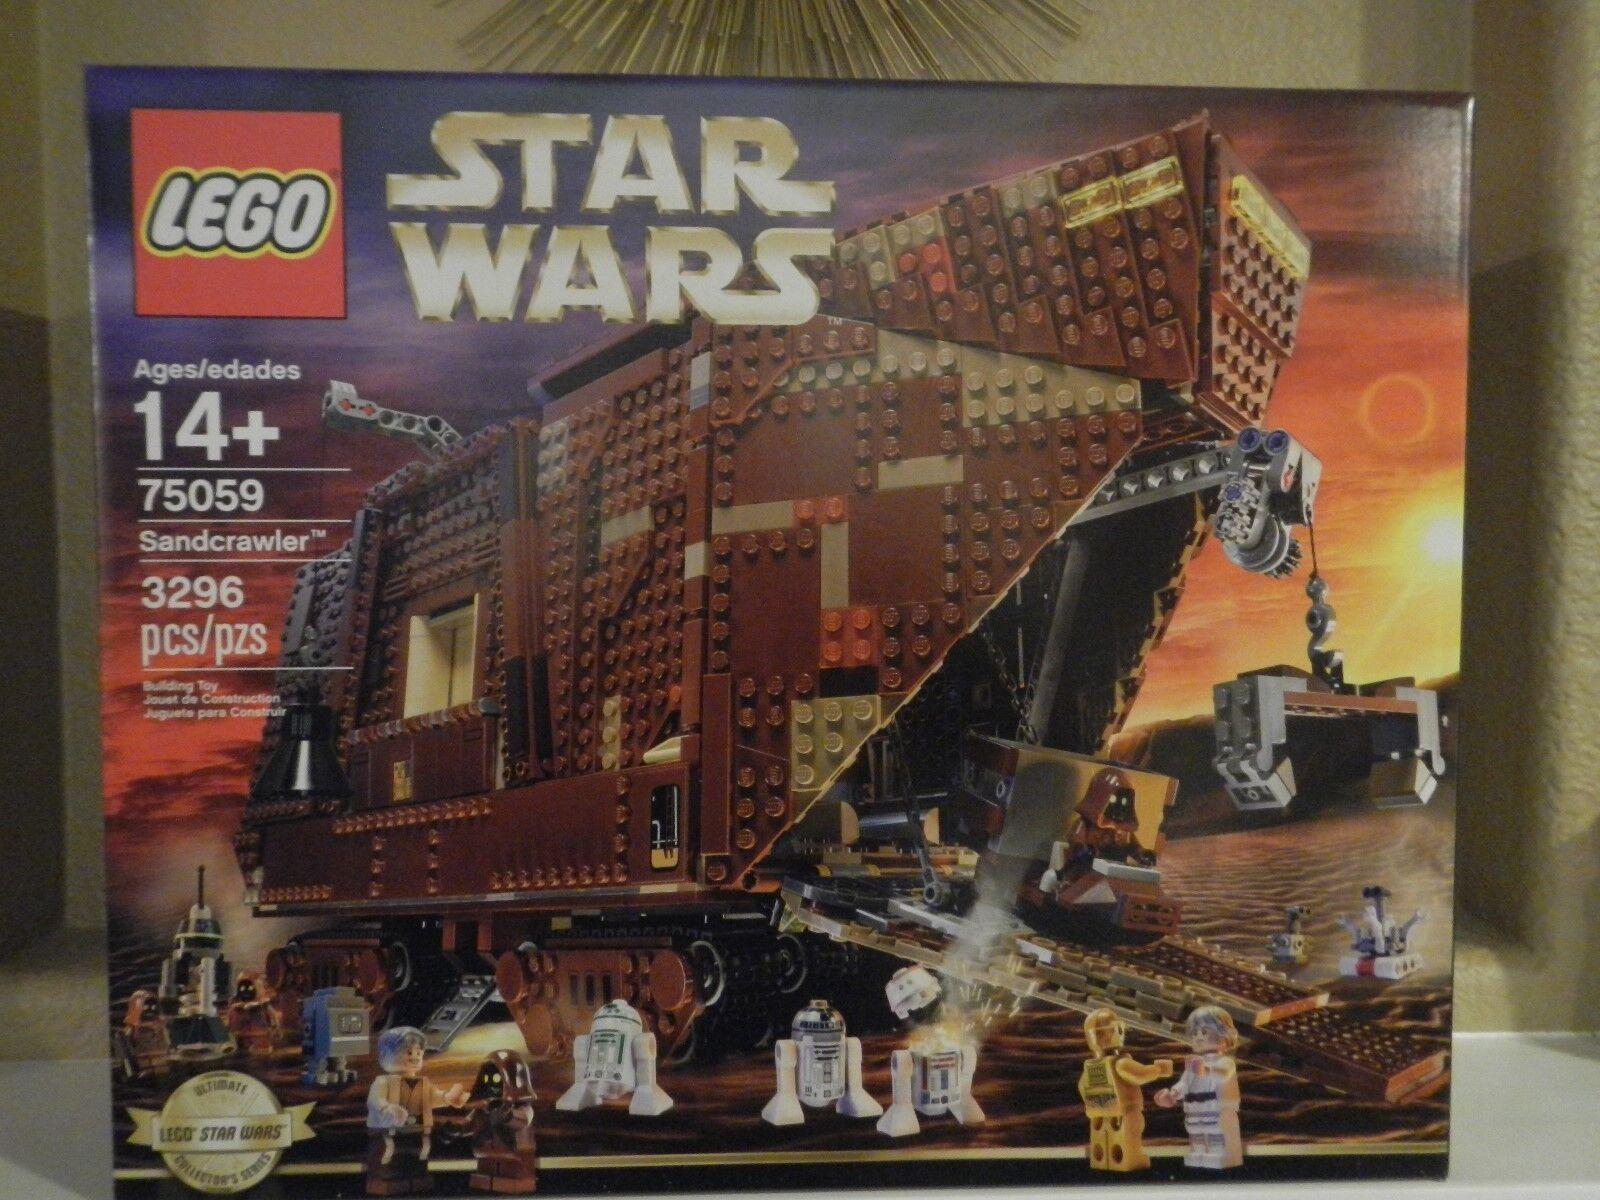 LEGO -NIB Star Wars Sandcrawler Age 14+ 3296 Pcs